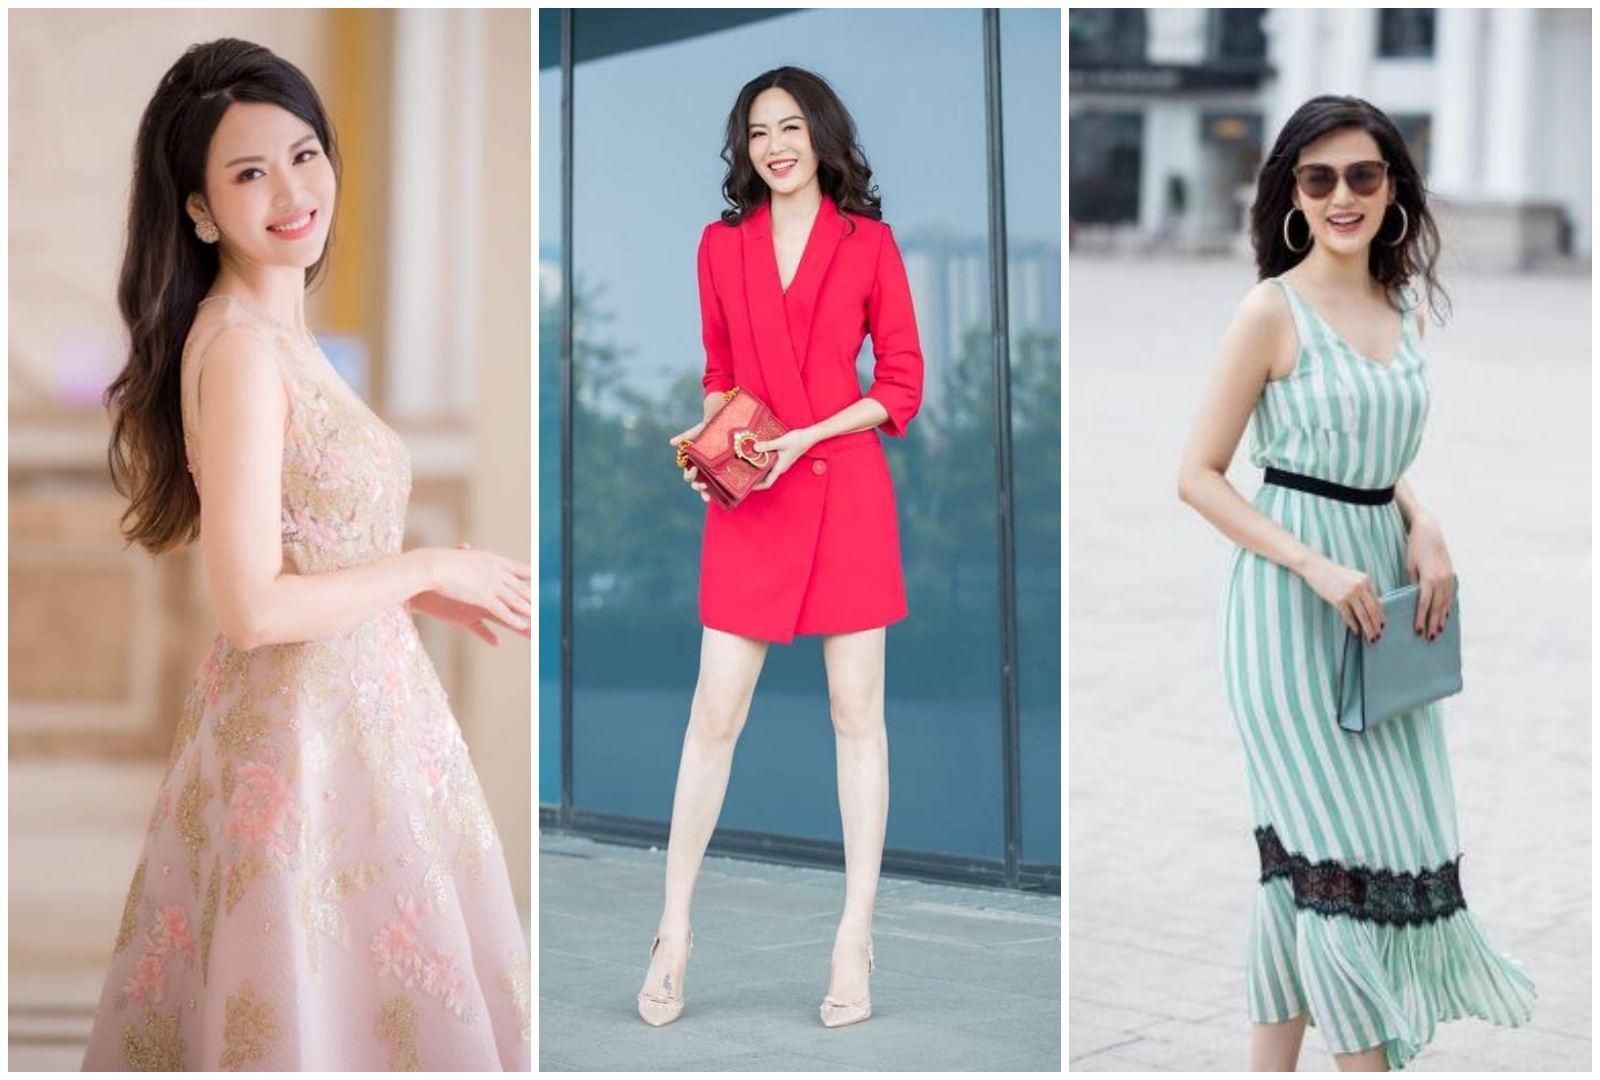 """Hoa hậu Việt """"khóc trên Mercedes thích hơn ngồi sau Wave Tàu"""" khiến ai cũng ngỡ ngàng - 4"""